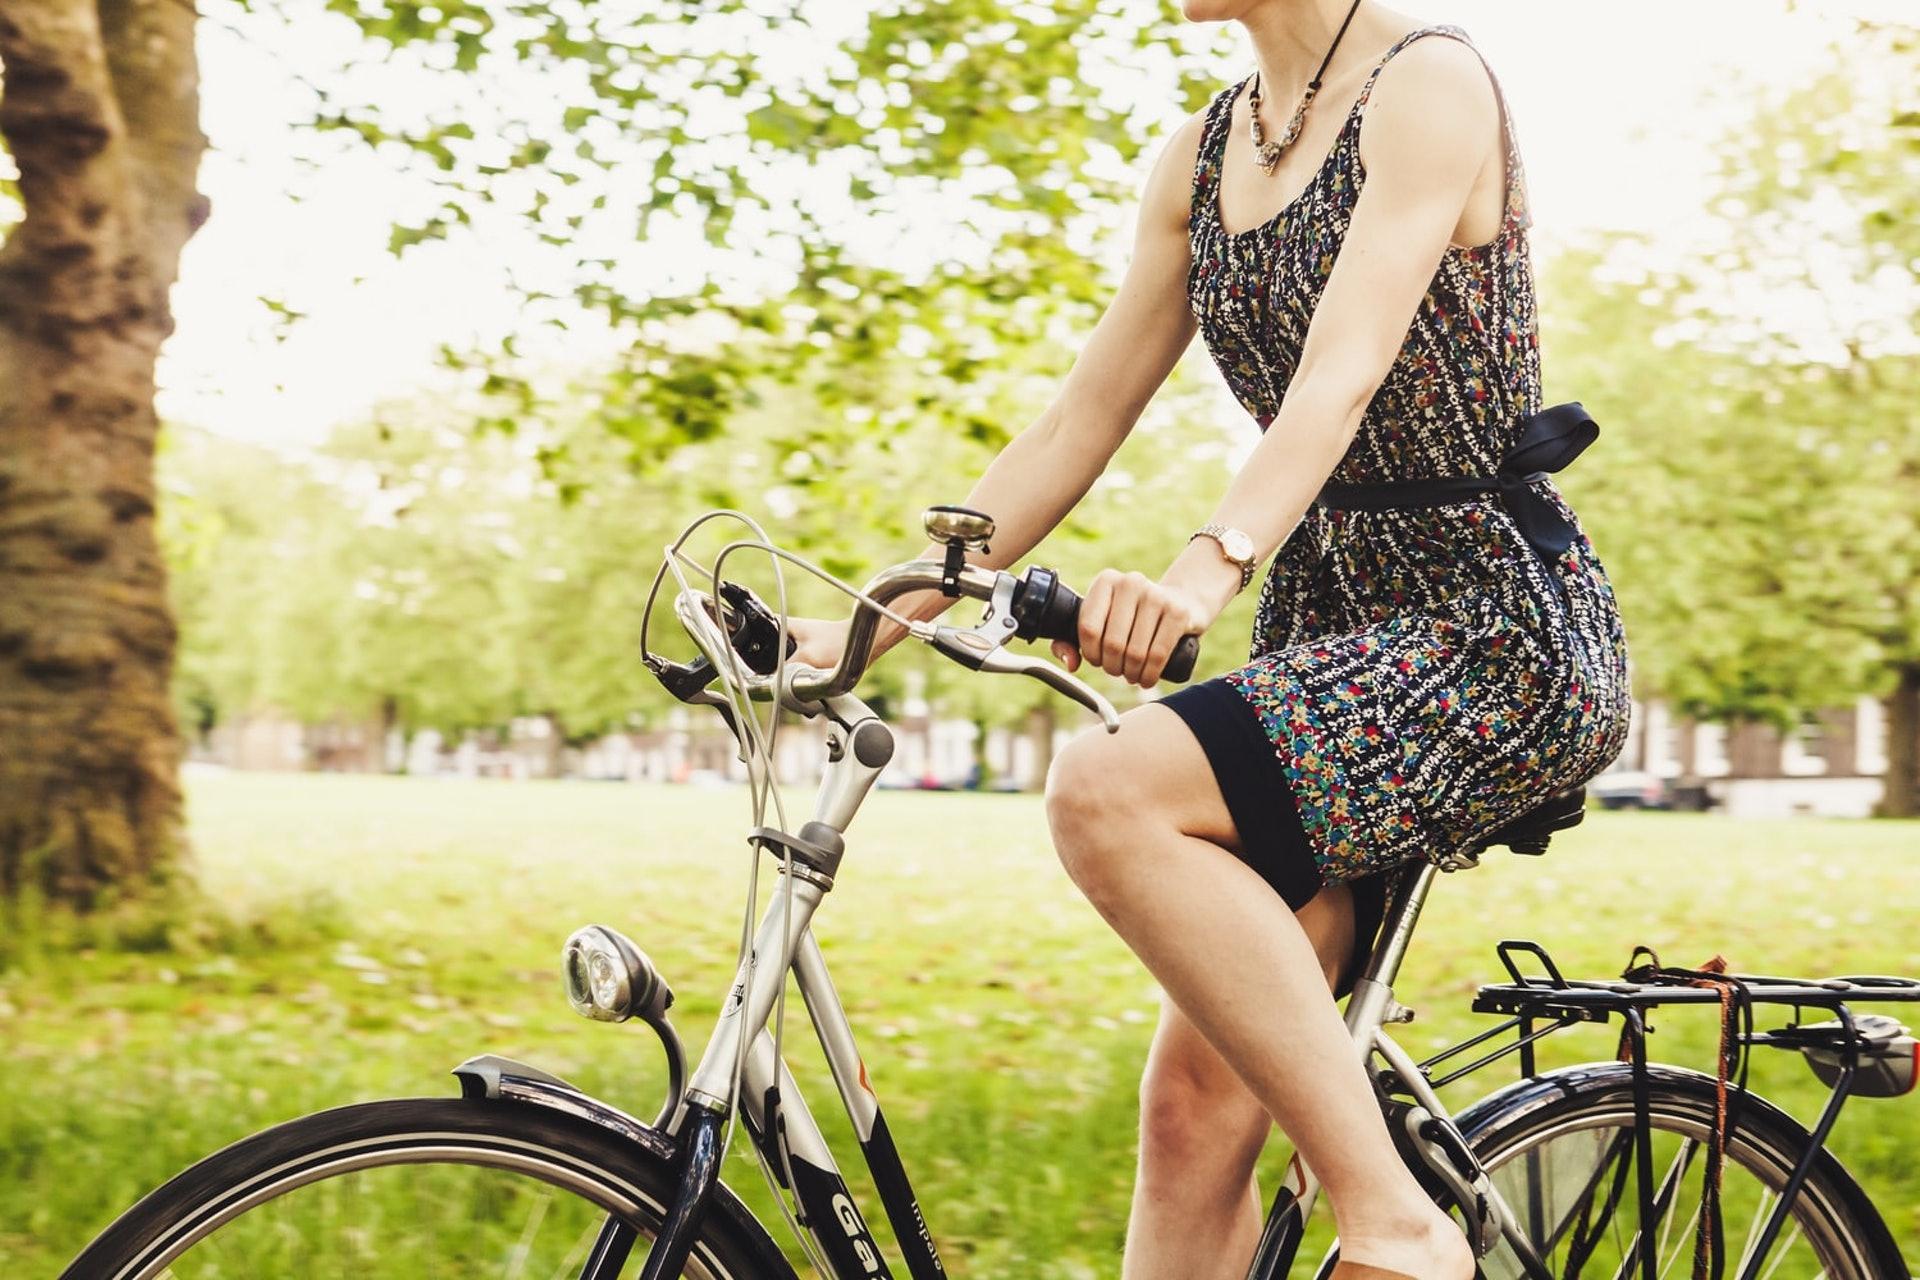 不少女生在月經期間都要盡量避開某些活動,但月經量少似乎可免去這些煩惱,因而令人容易忽略其嚴重性。(blubel/unsplash)